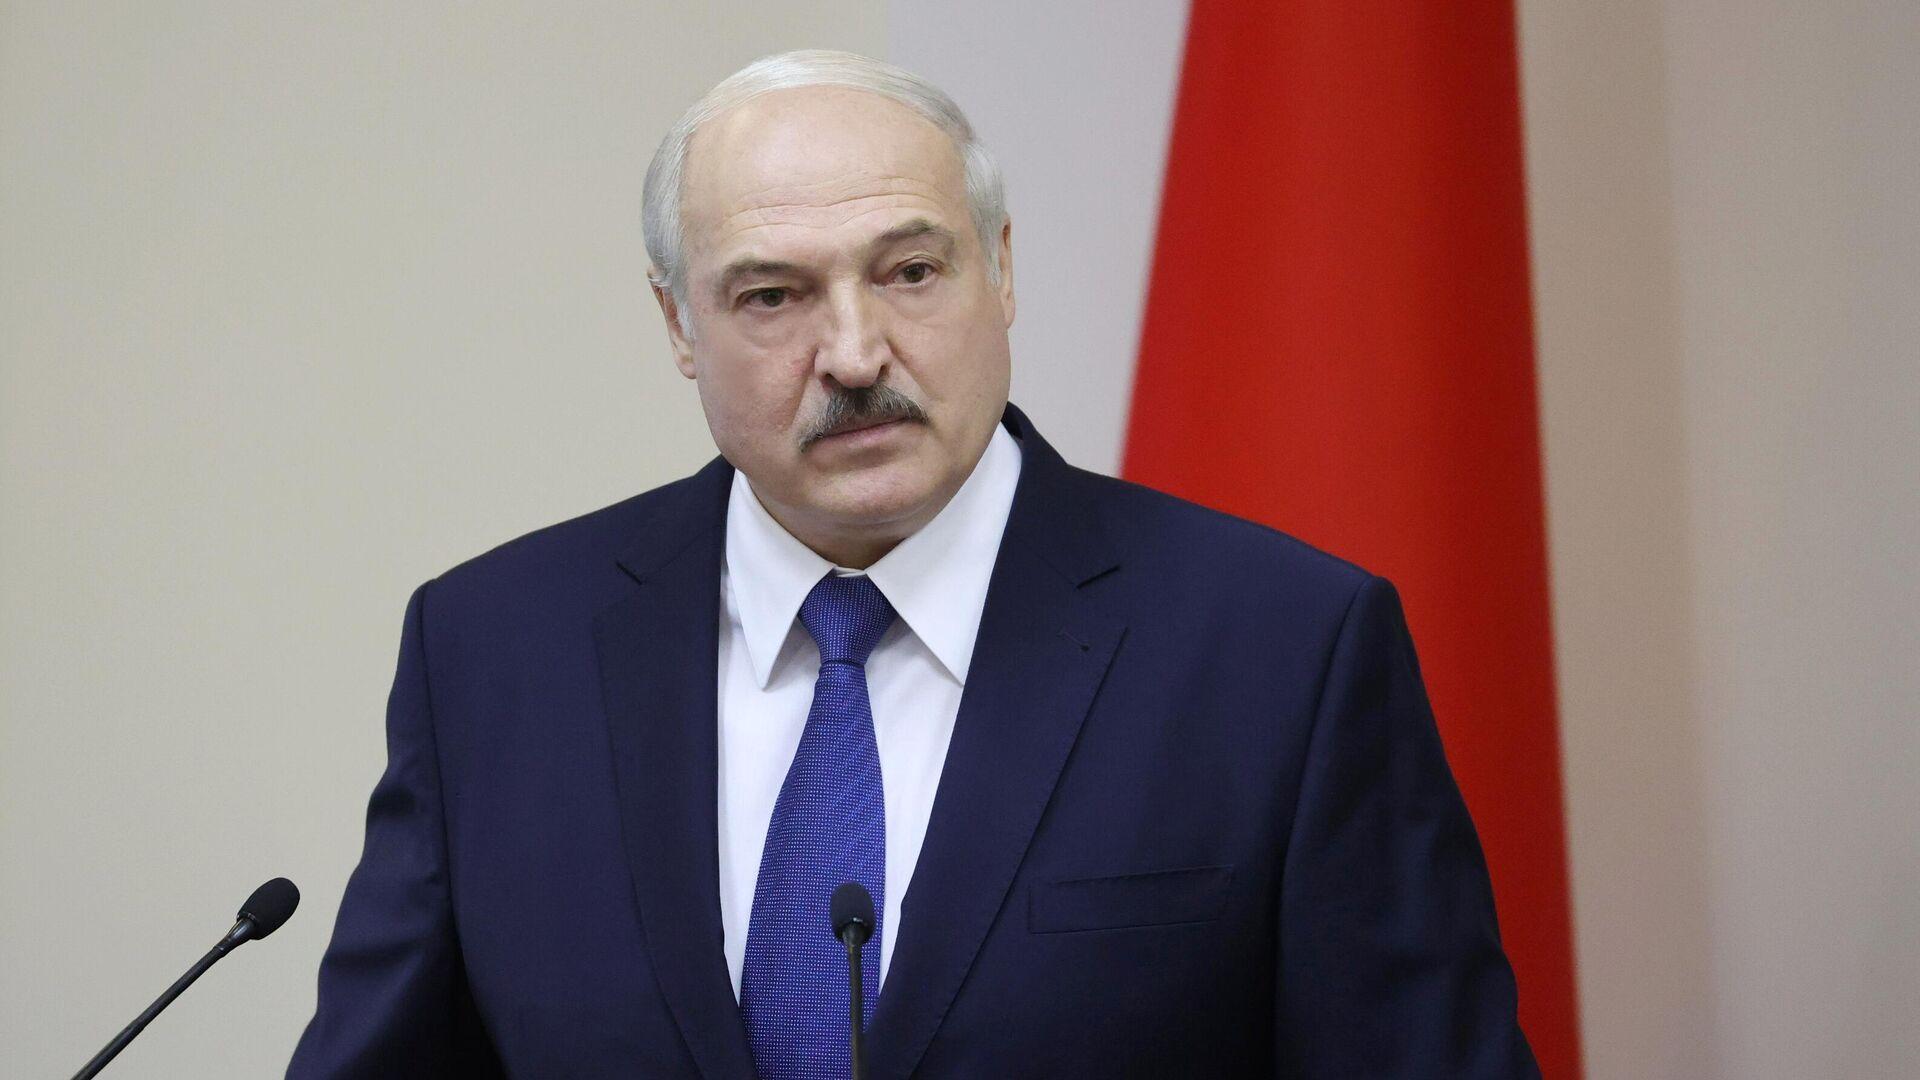 Президент Белоруссии Александр Лукашенко - РИА Новости, 1920, 17.09.2020